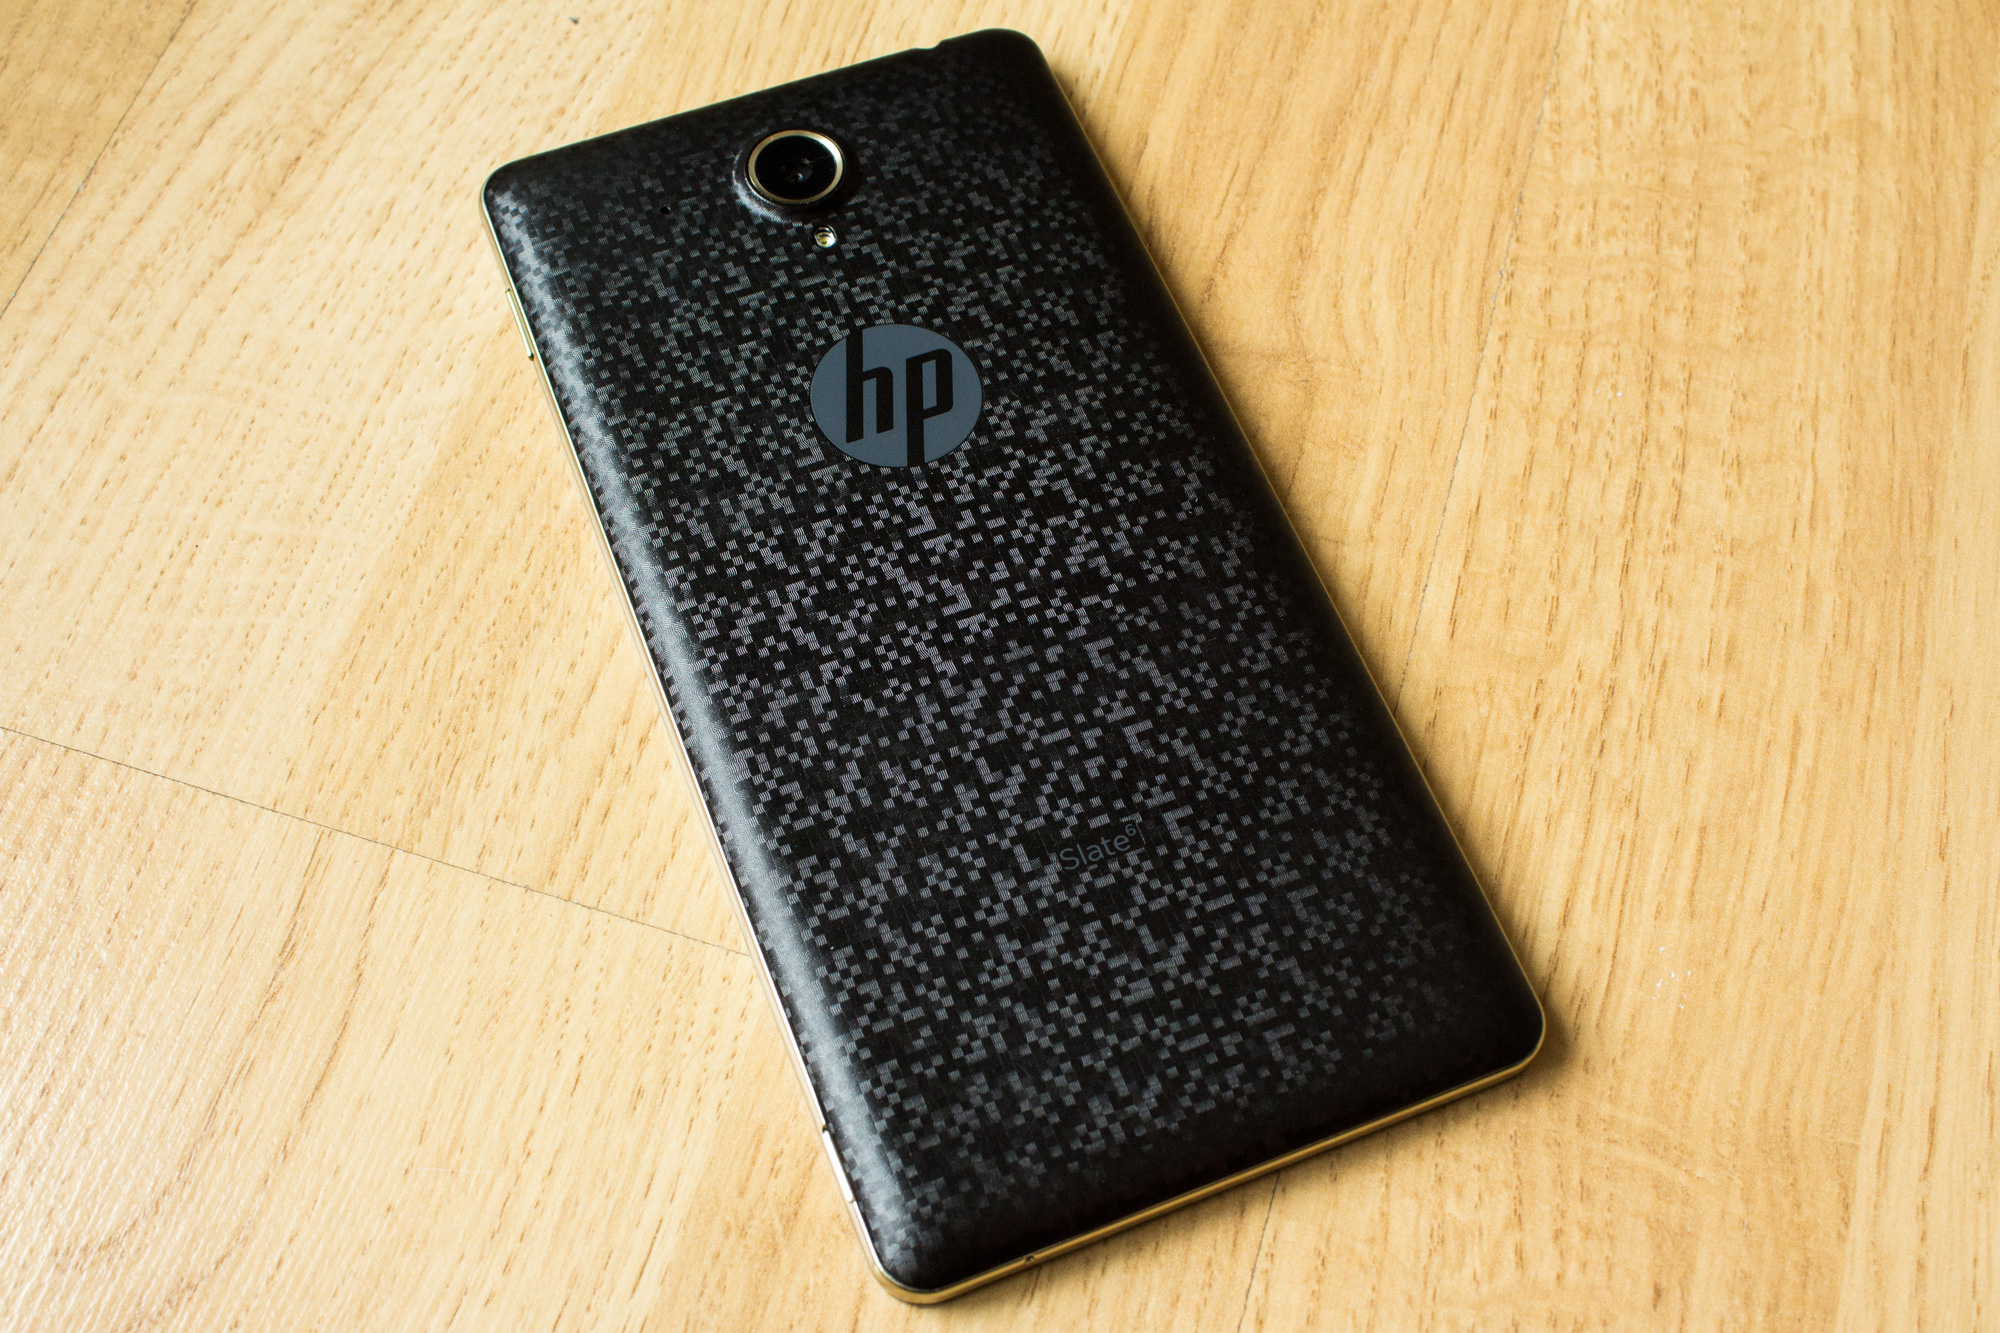 รีวิว HP Slate 6 VoiceTab Phablet จอ 6 นิ้วจากทาง HP